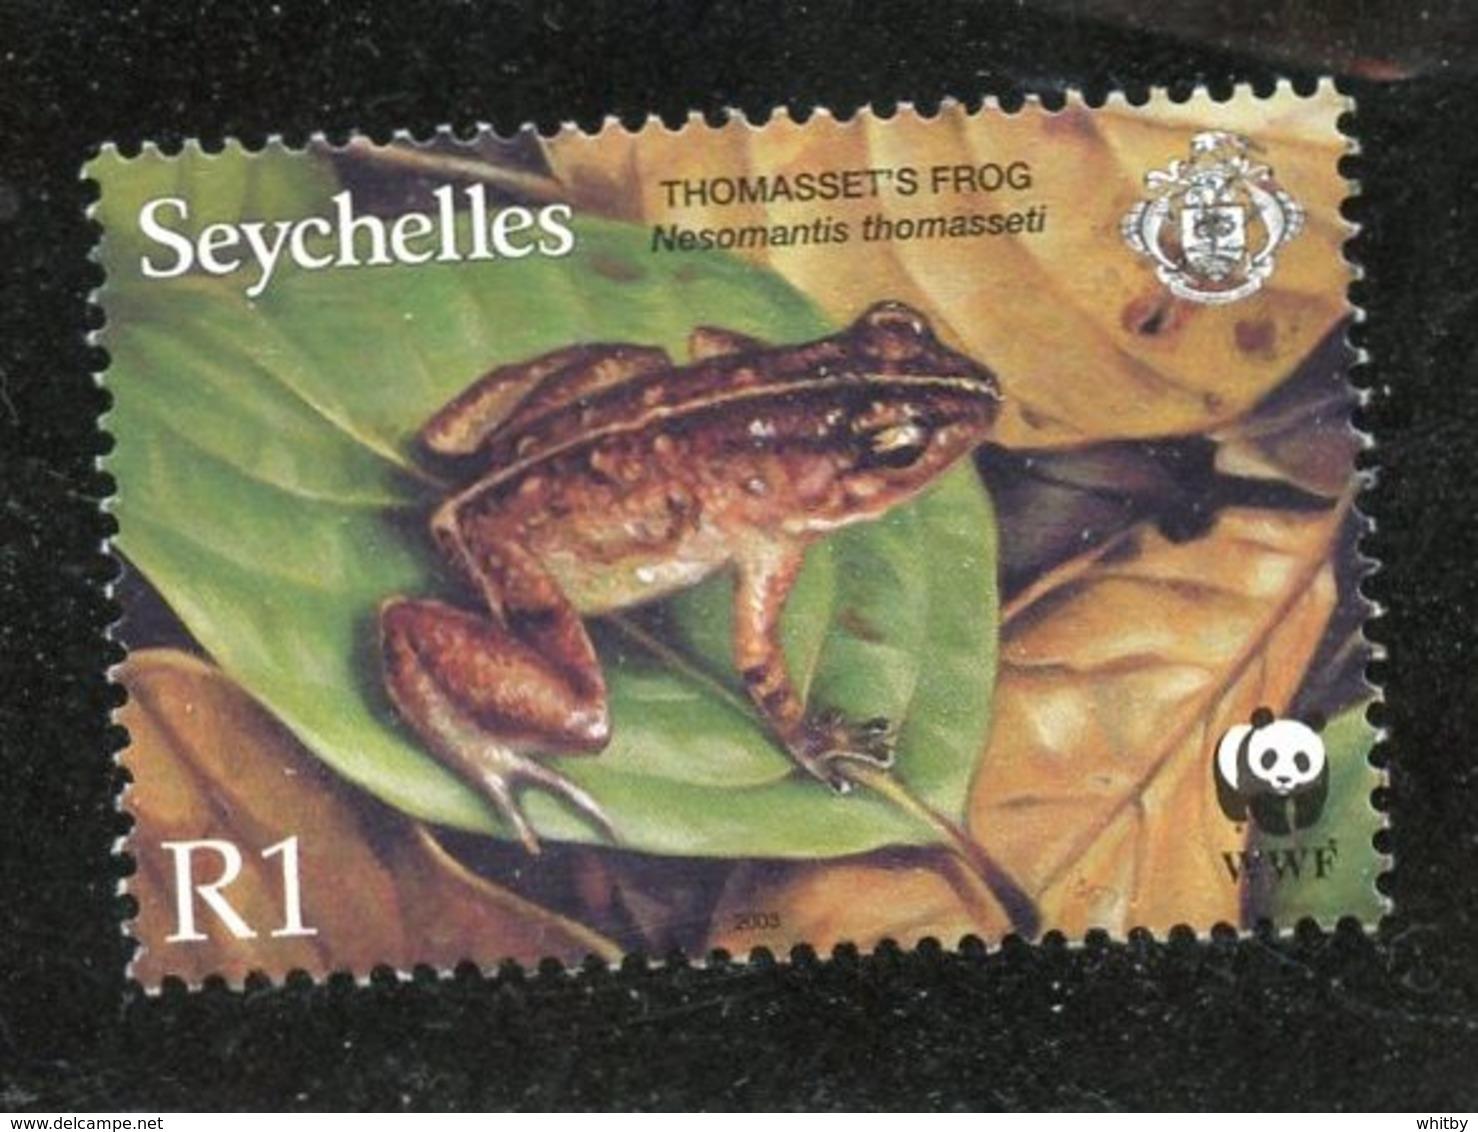 Seychelles 2003 1r  Thomassets Frog Issue #833  MNH - Seychelles (1976-...)